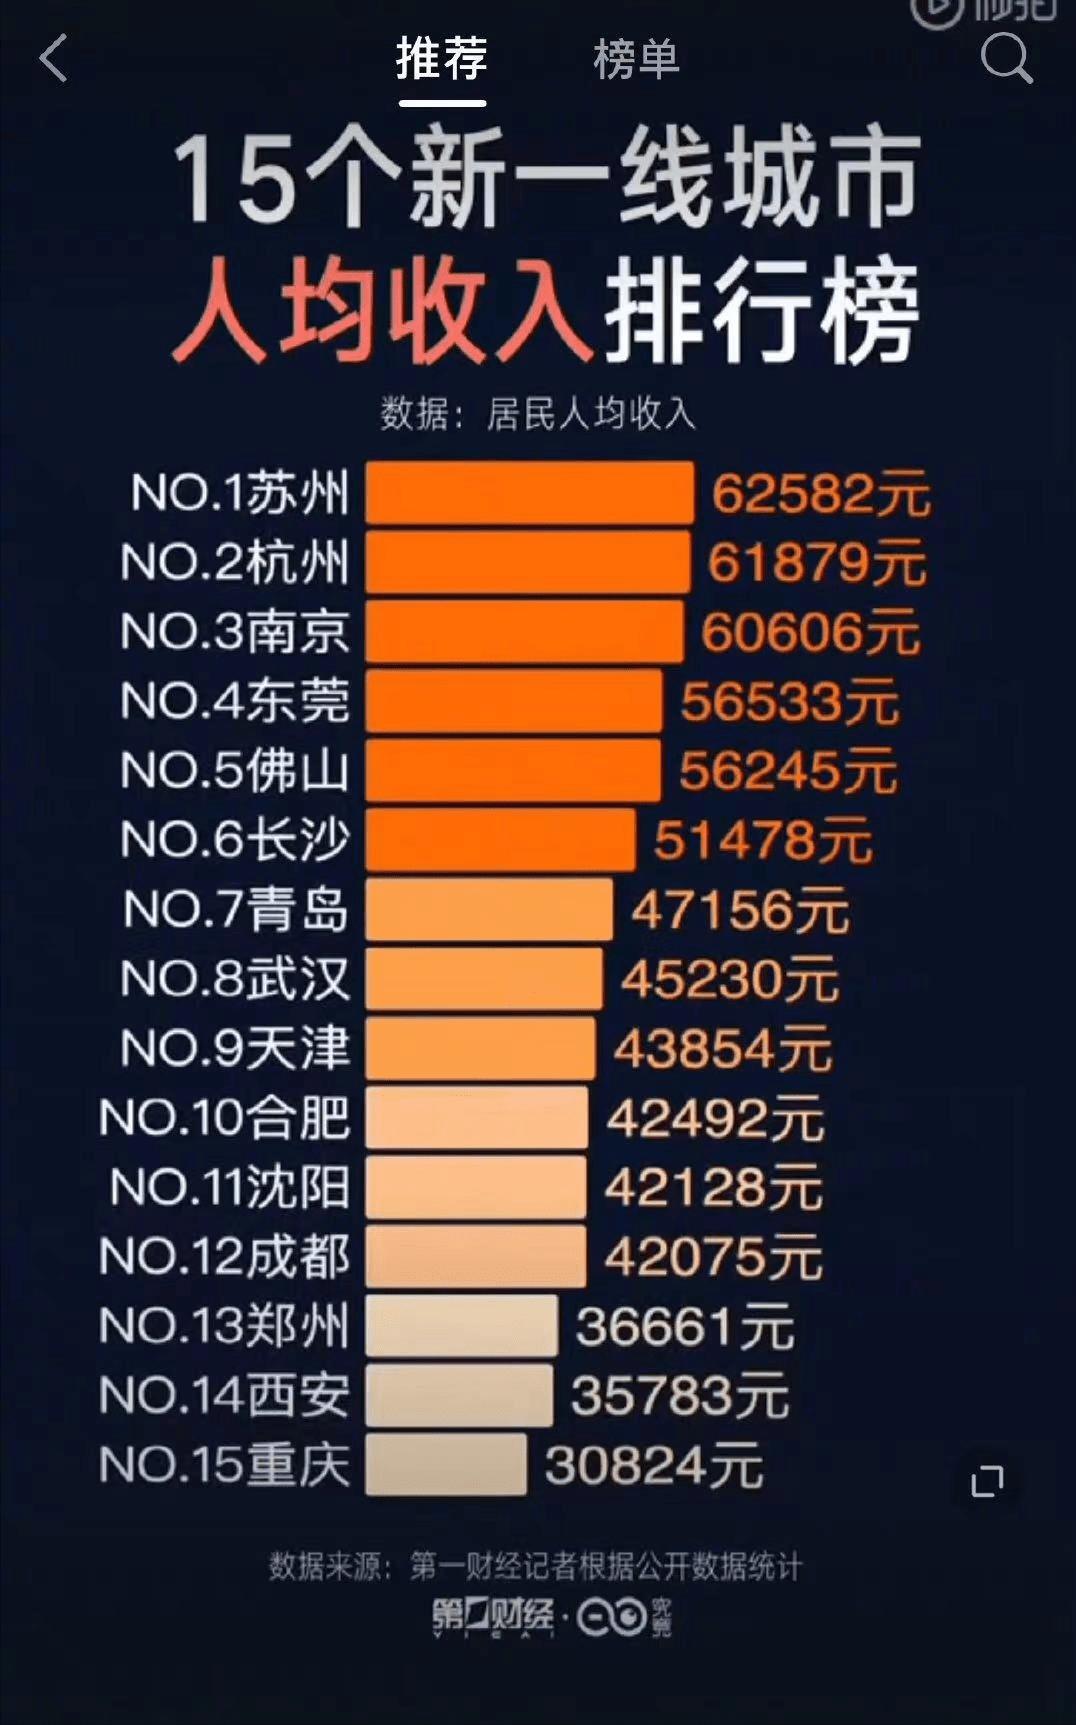 """广州市持续出台政策""""组合拳"""" 维护楼市平稳健康发展"""